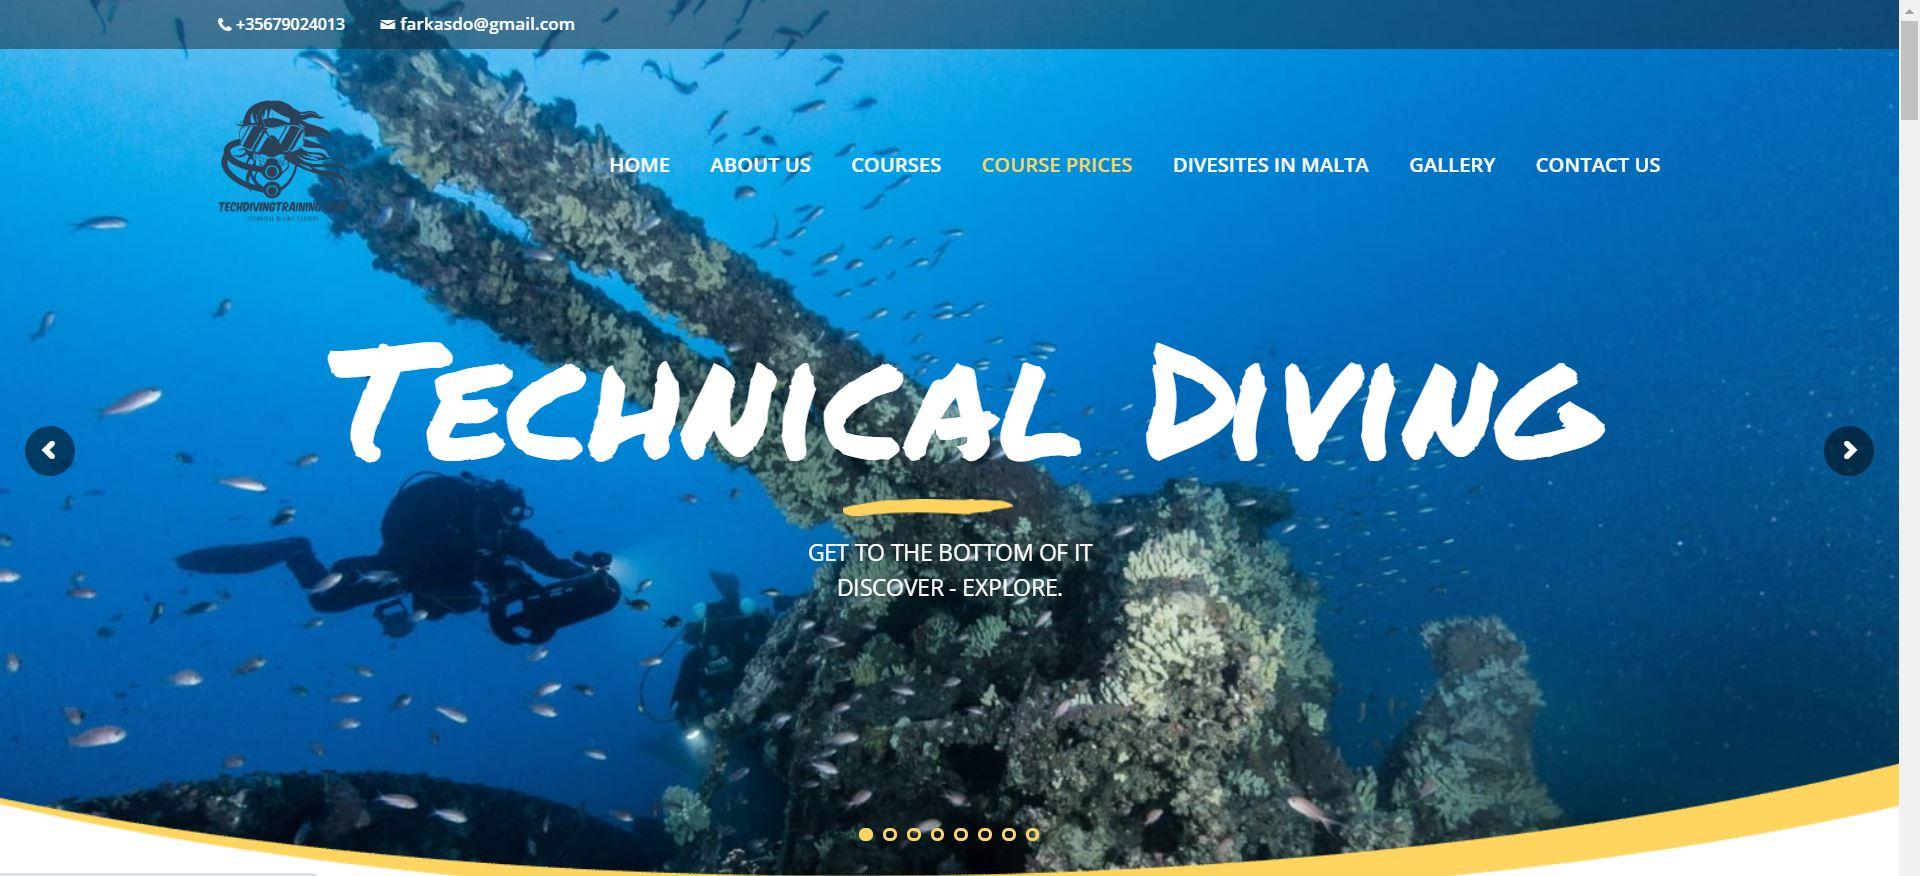 TdT screenshot website for a dive instructor